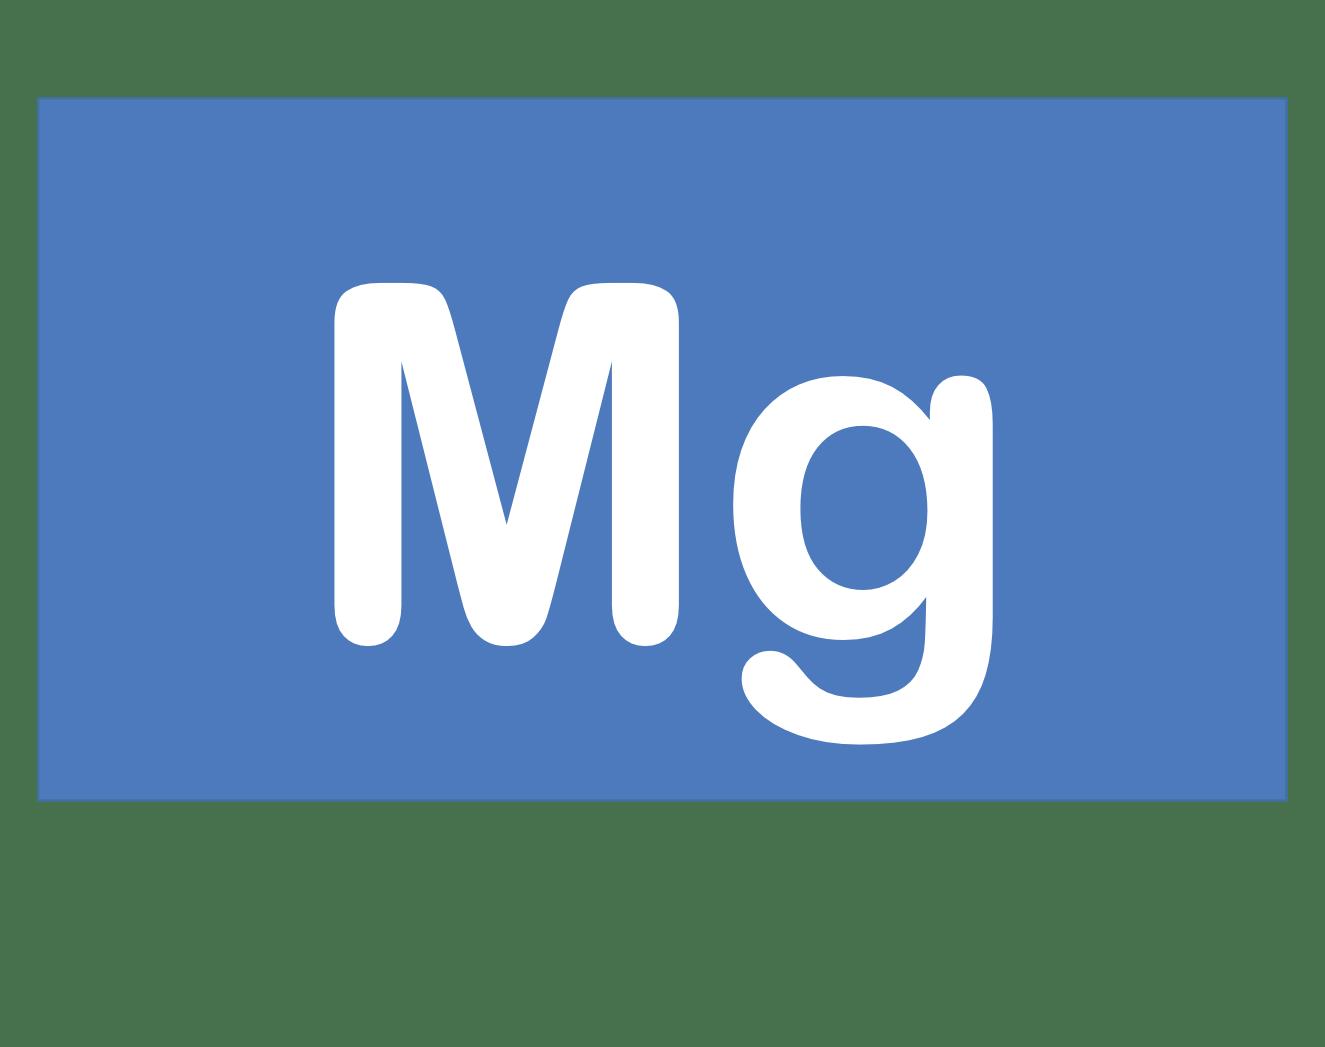 12 Mg マグネシウム Magnesium 元素 記号 周期表 化学 原子